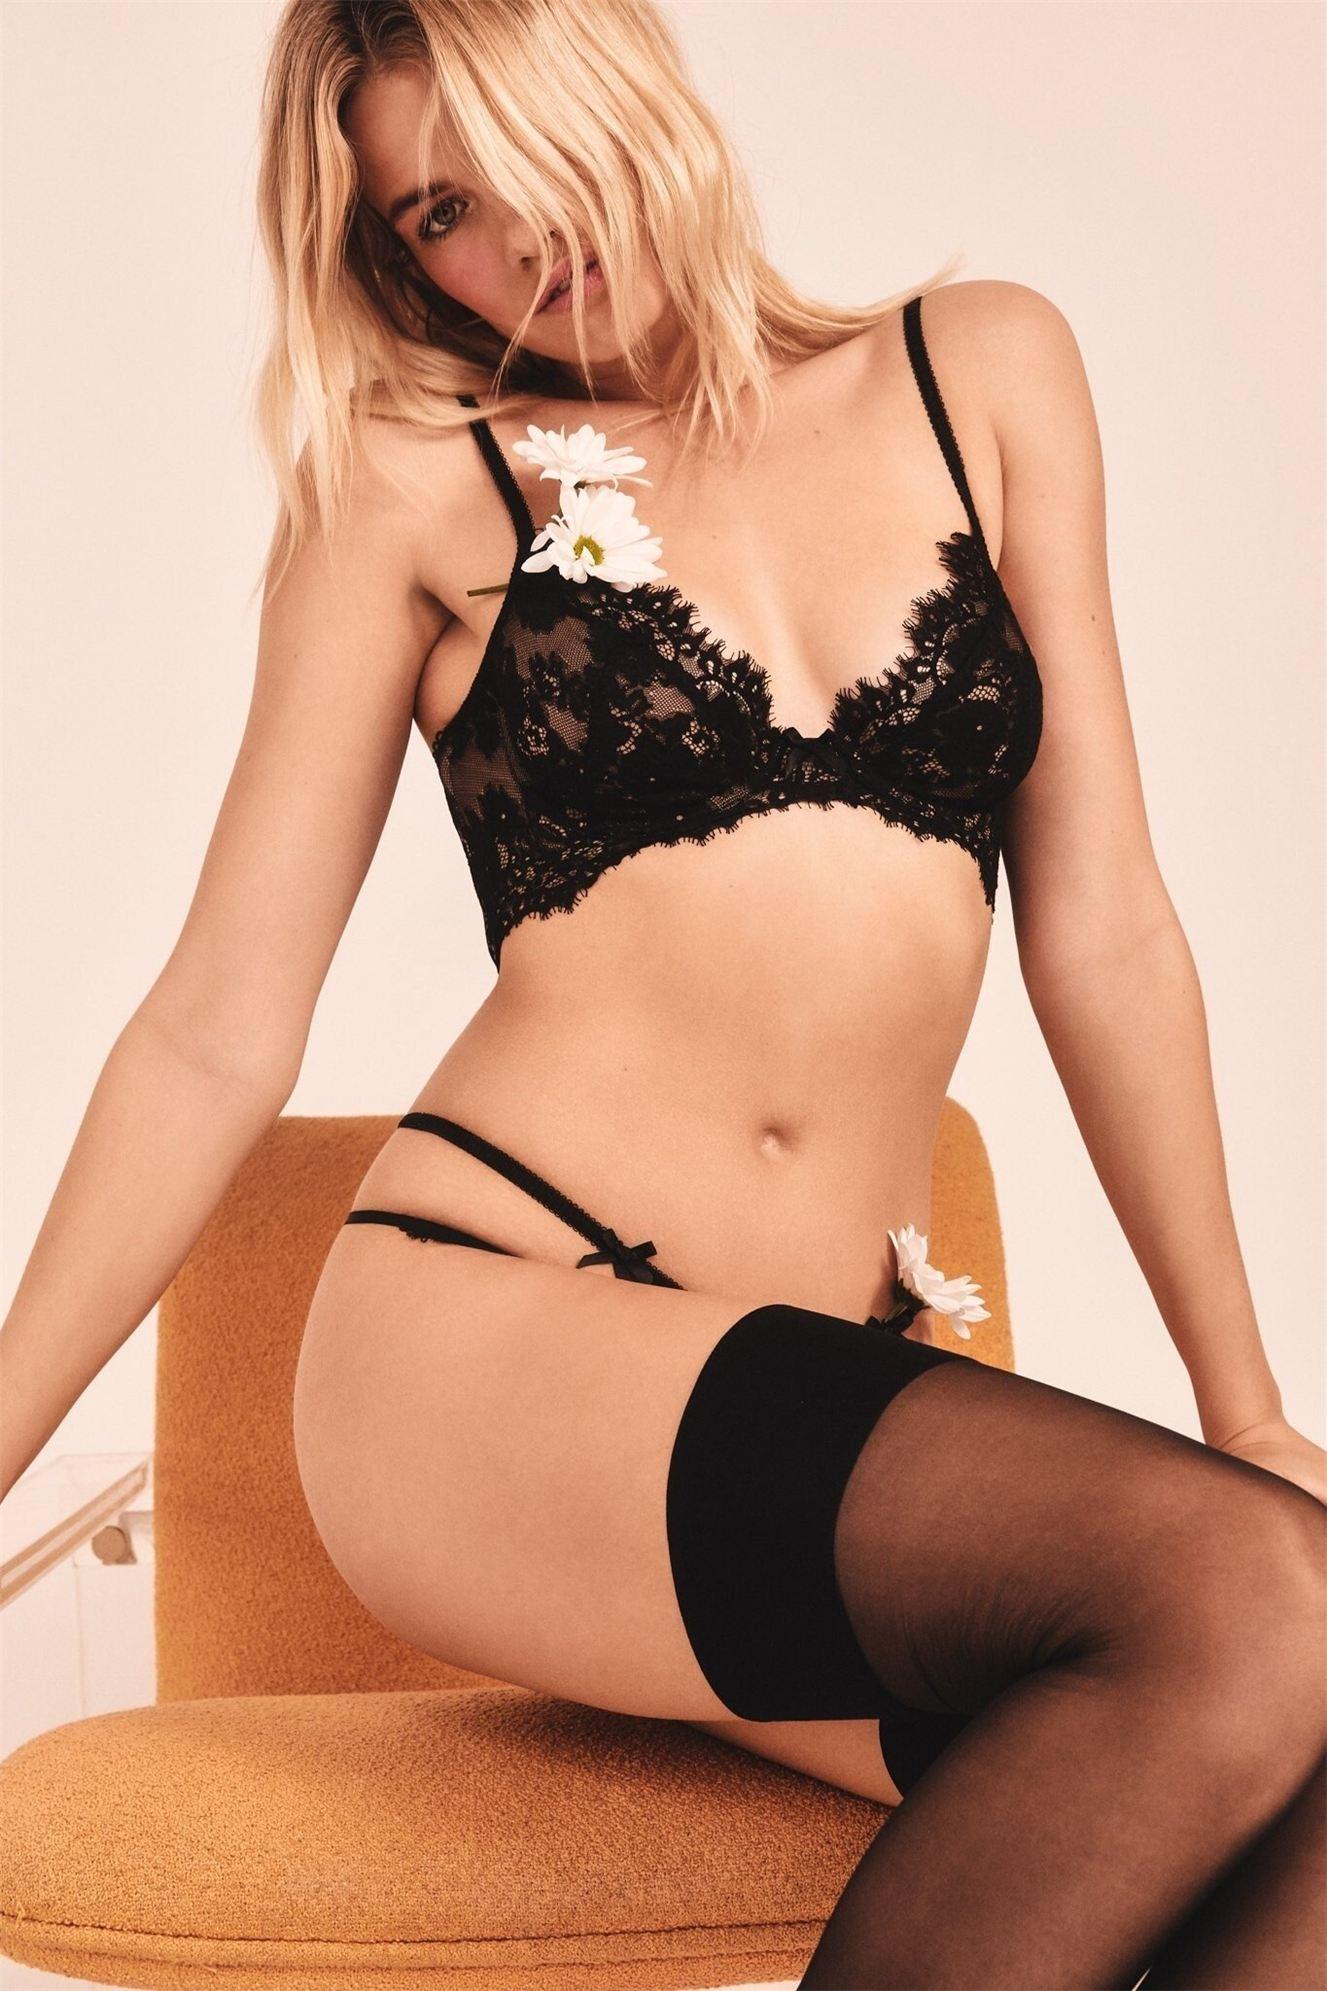 Хейли Клоусон в новой модной коллекции нижнего белья / фото 32